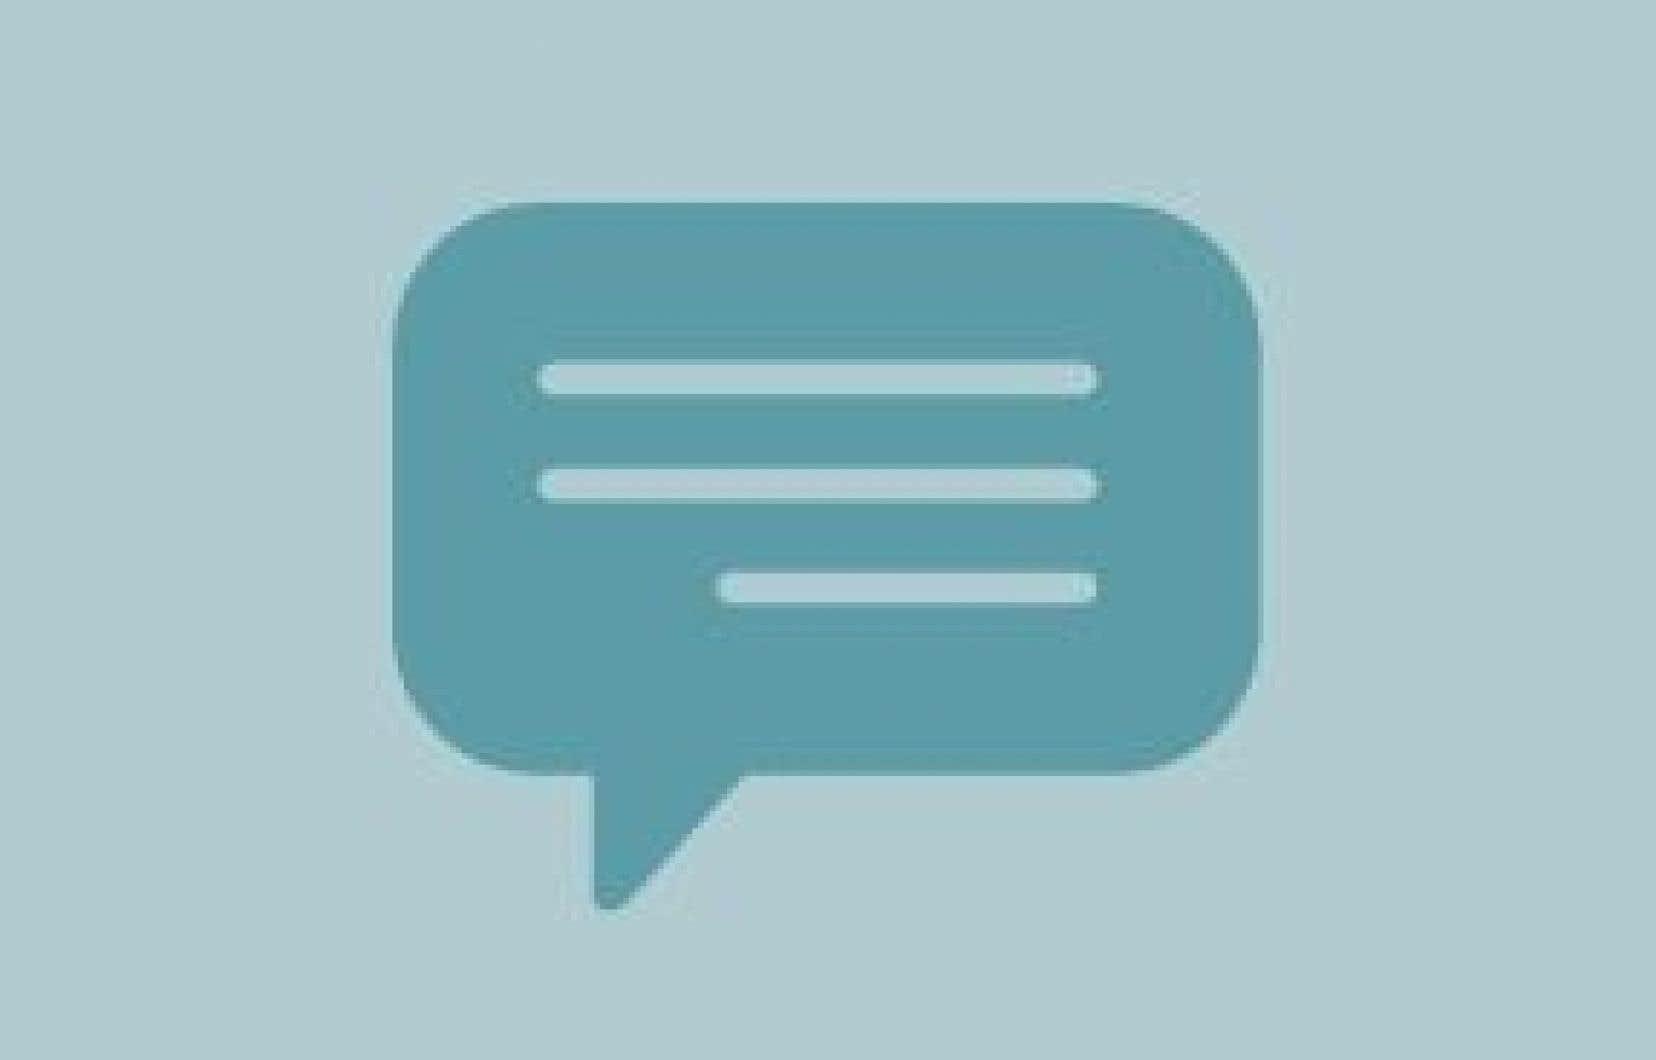 Notre nouvelle infolettre hebdomadaire présente une sélection des textes d'opinion publiés au cours de la semaine.